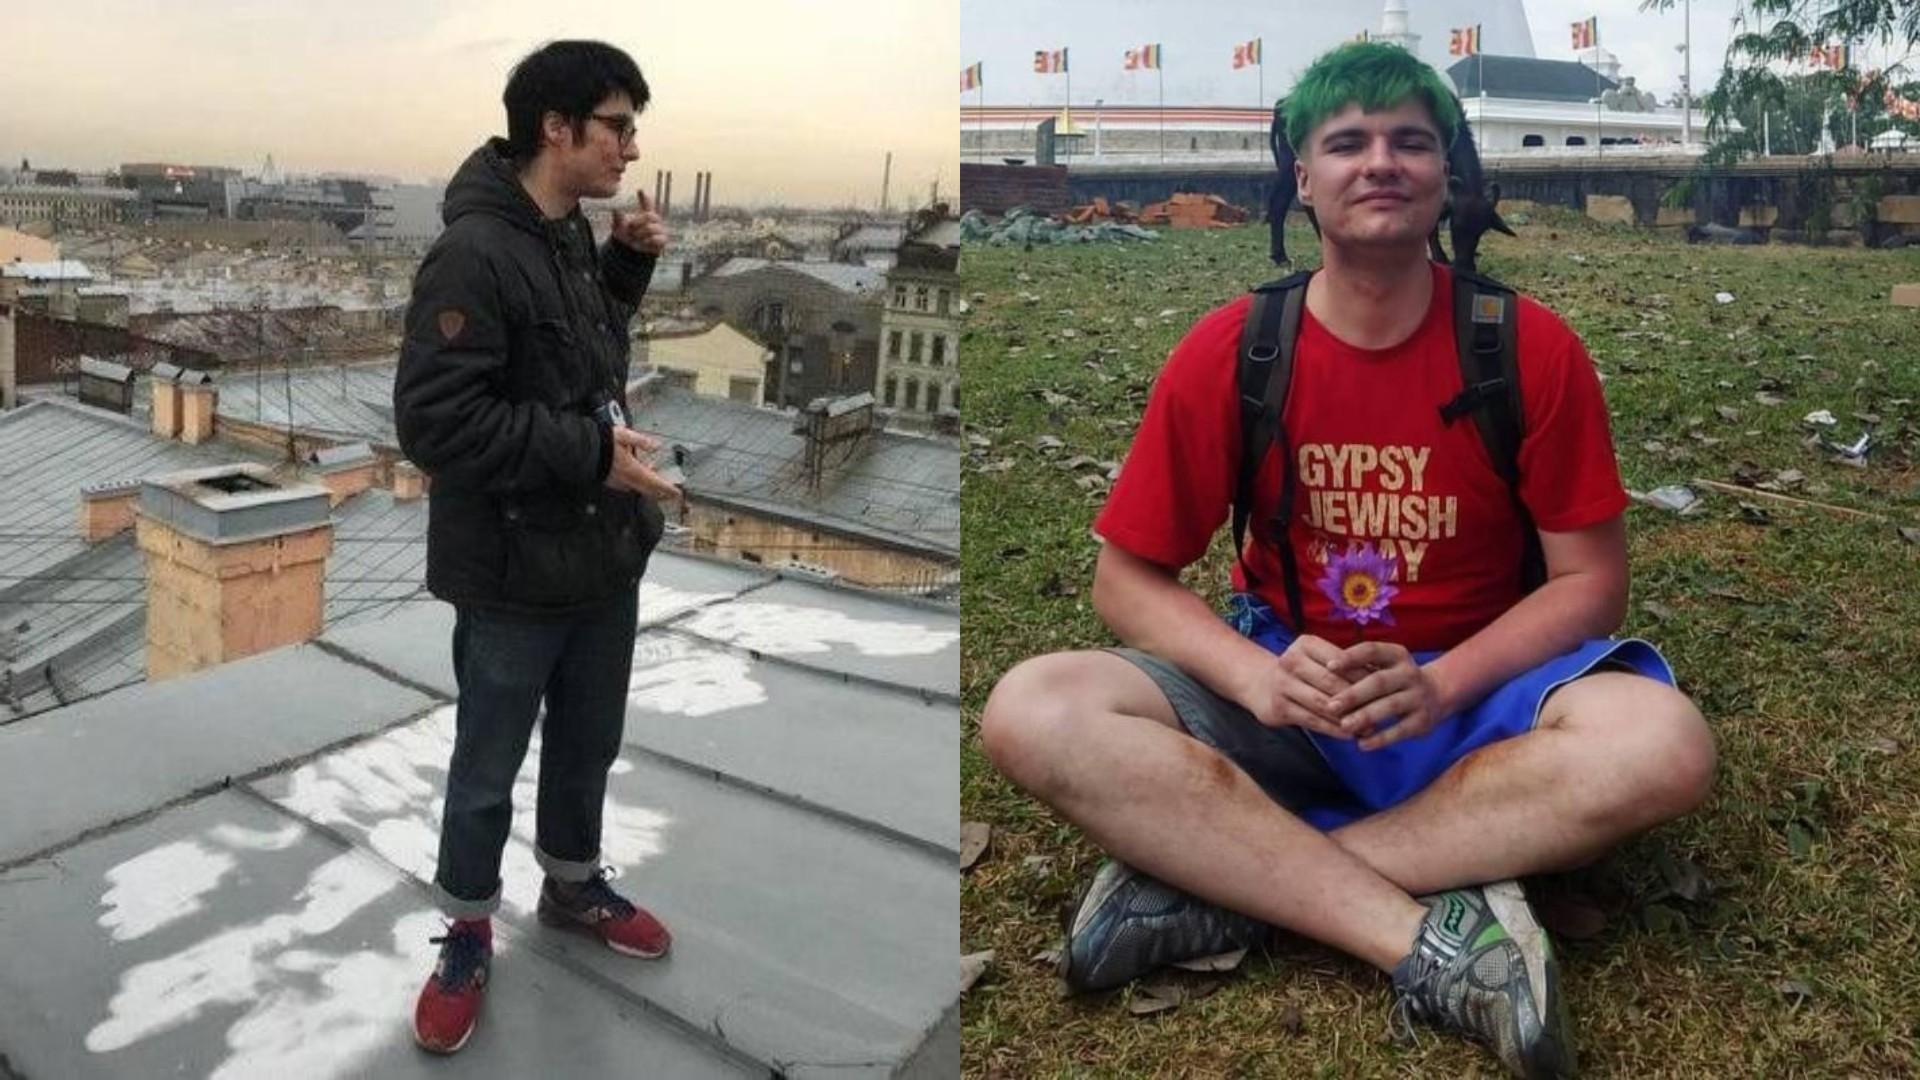 На какие риски шёл руфер, перед тем как погибнуть вместе с девушкой, сорвавшись с крыши в Питере